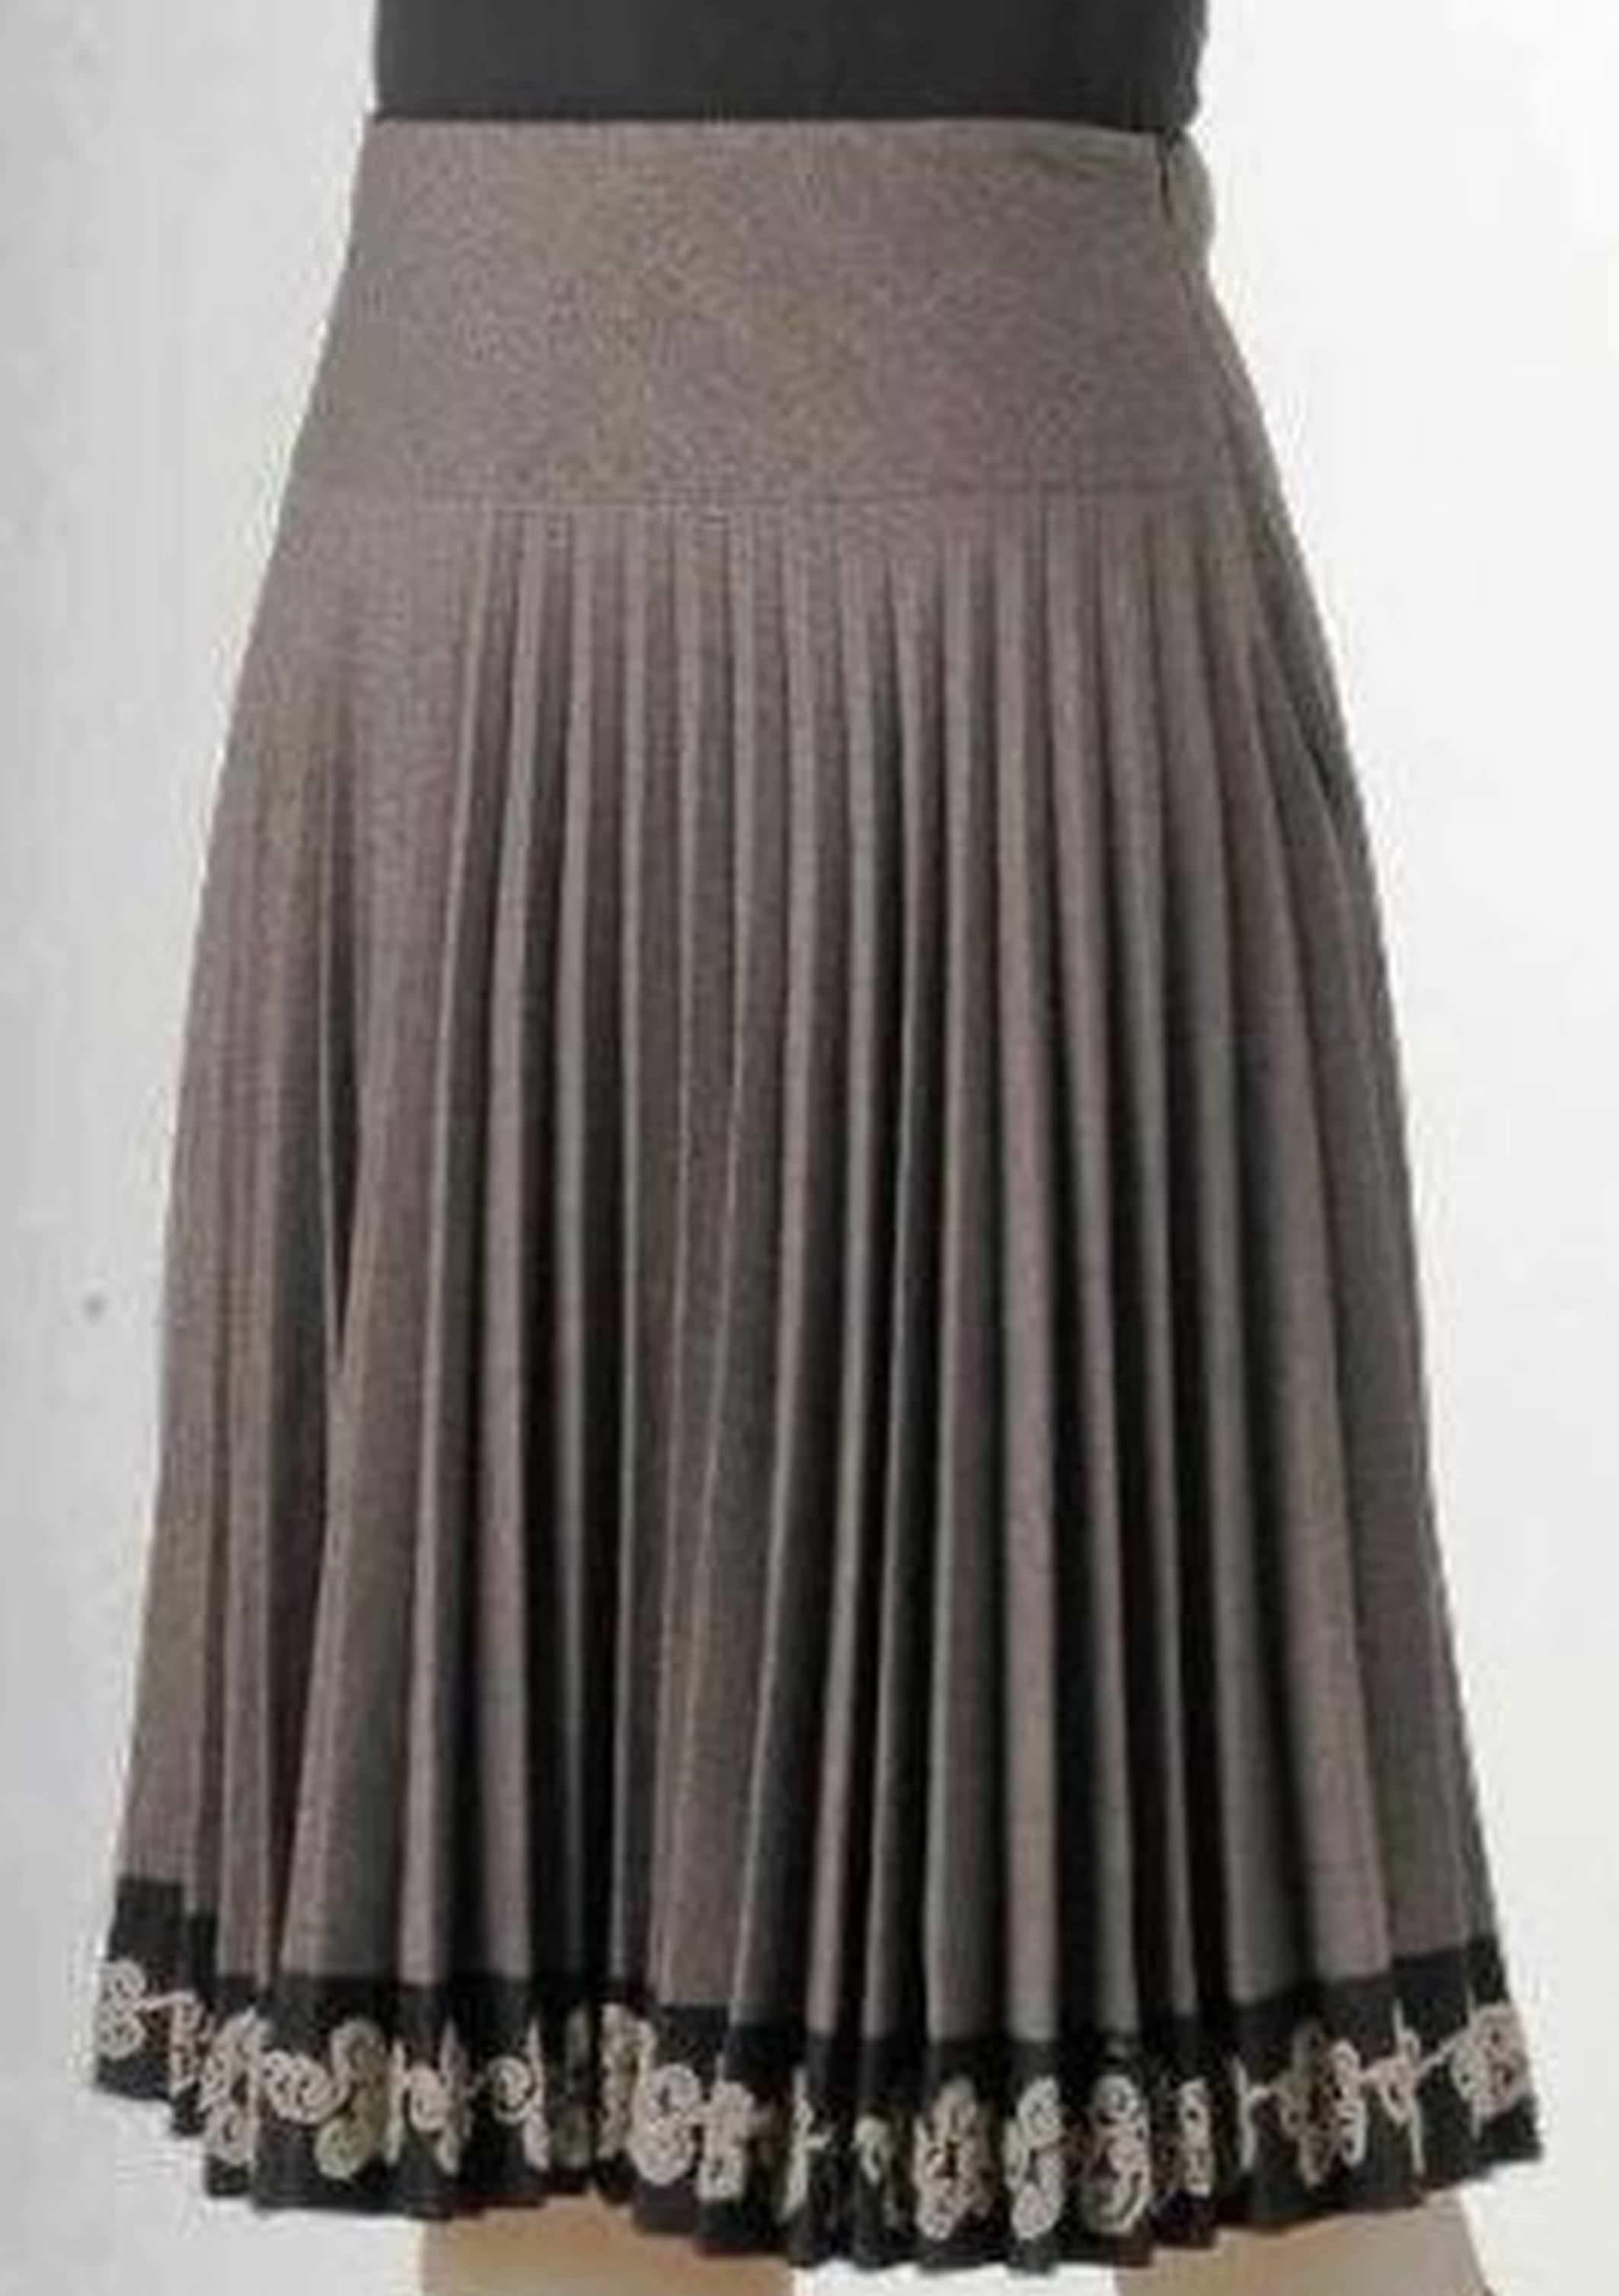 Фото модели юбки-плиссе с описанием. Пошаговые ...